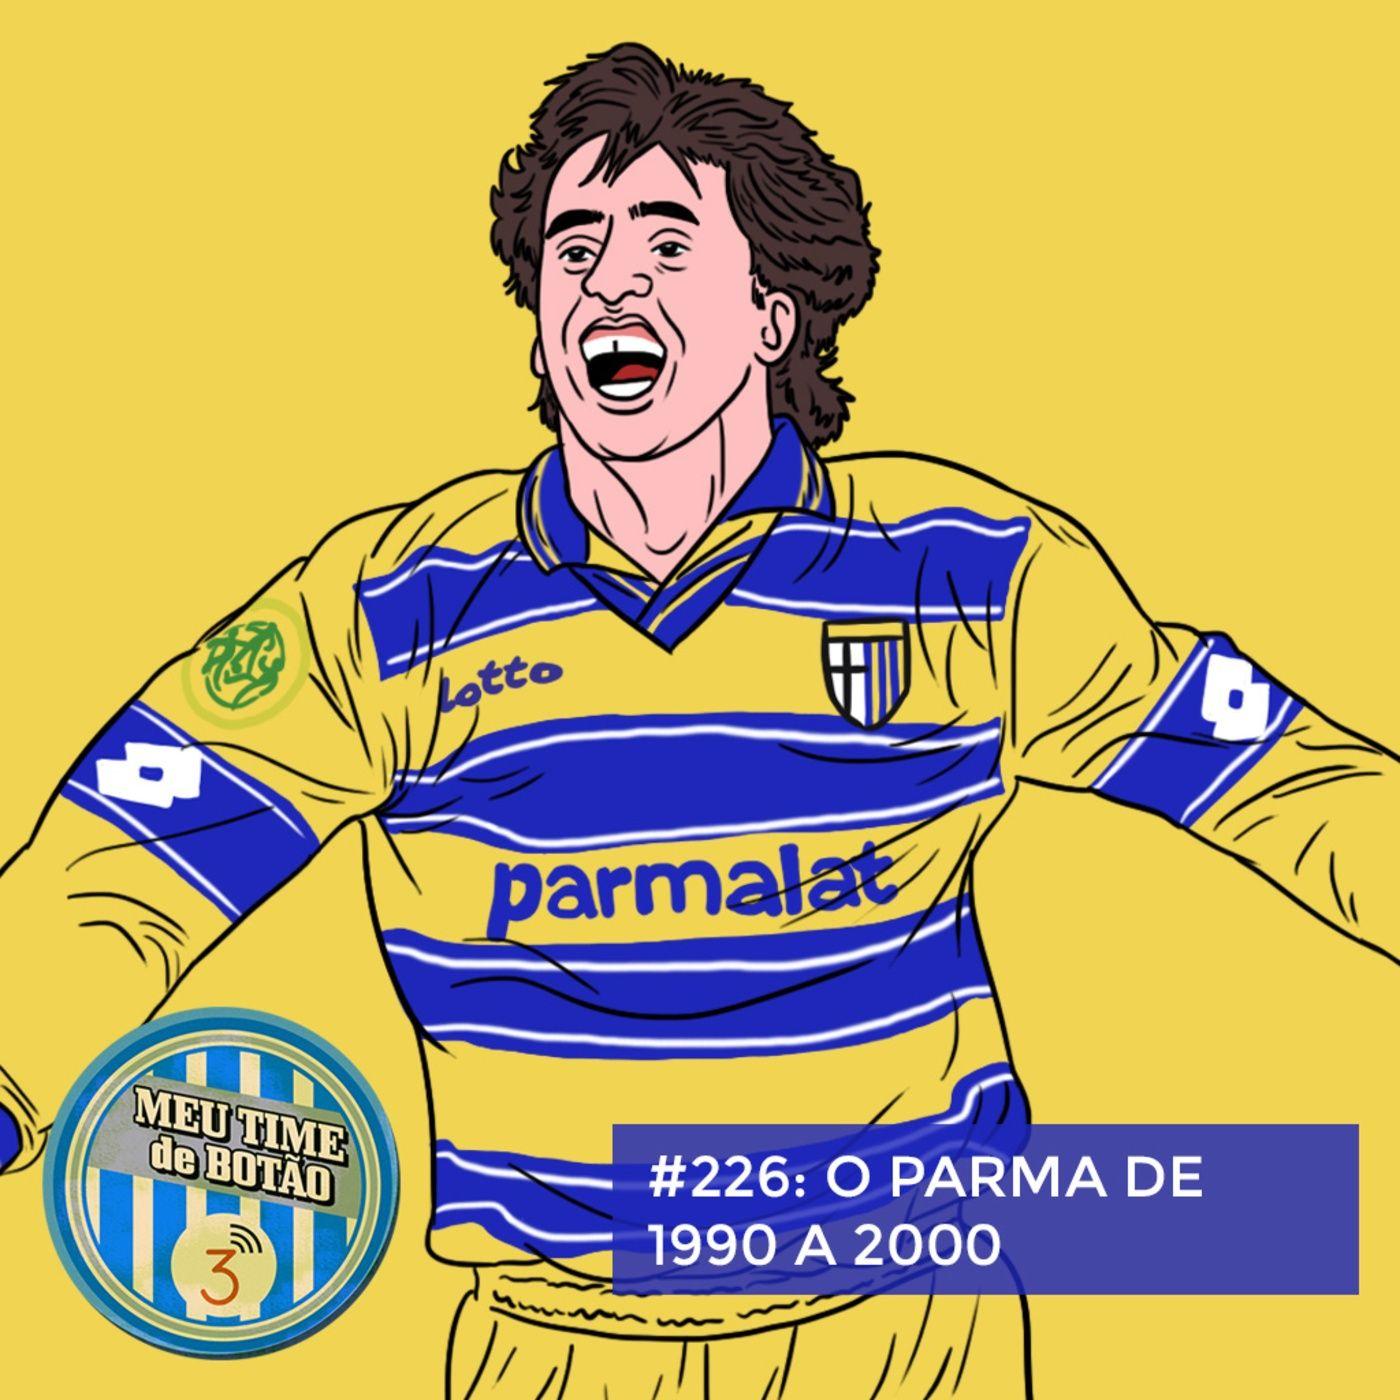 Botão #226 O Parma dos anos 90